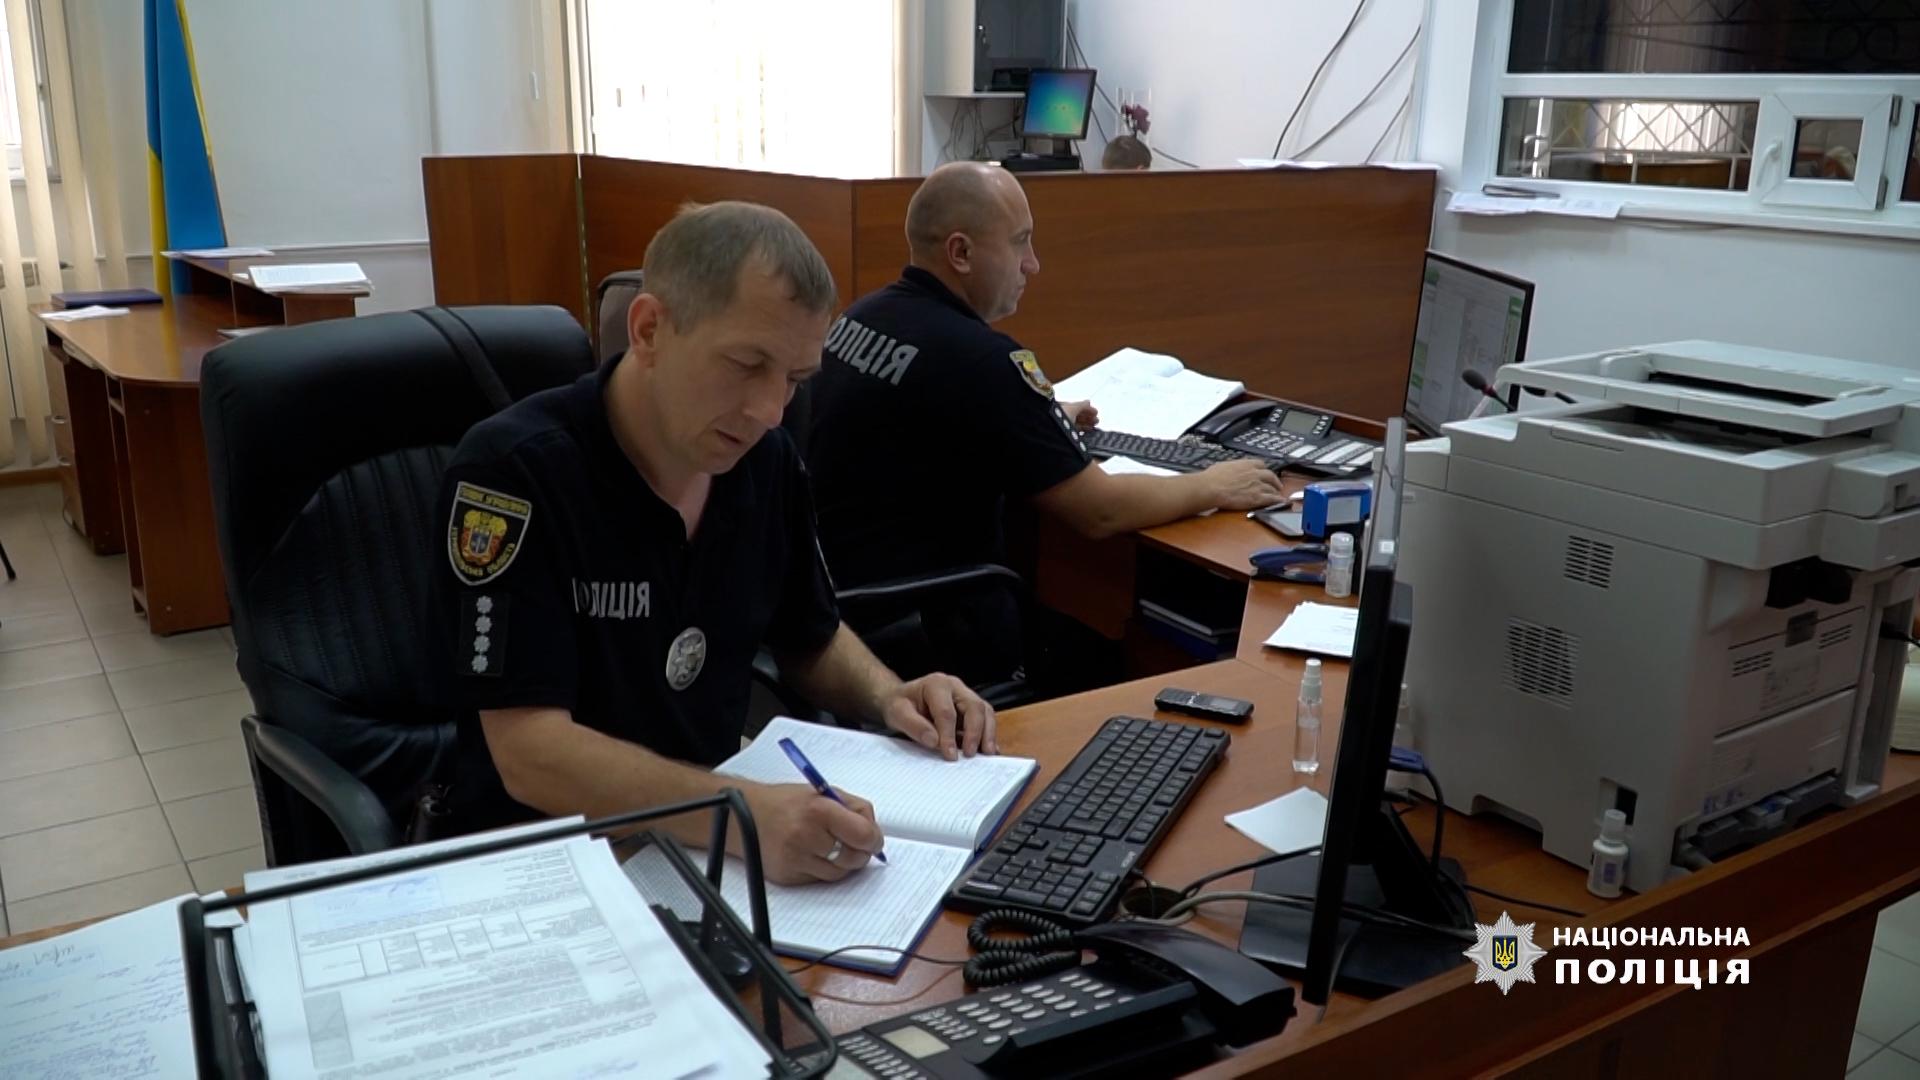 Виманили 300 тис грн: на Тернопільщині орудують шахрайки